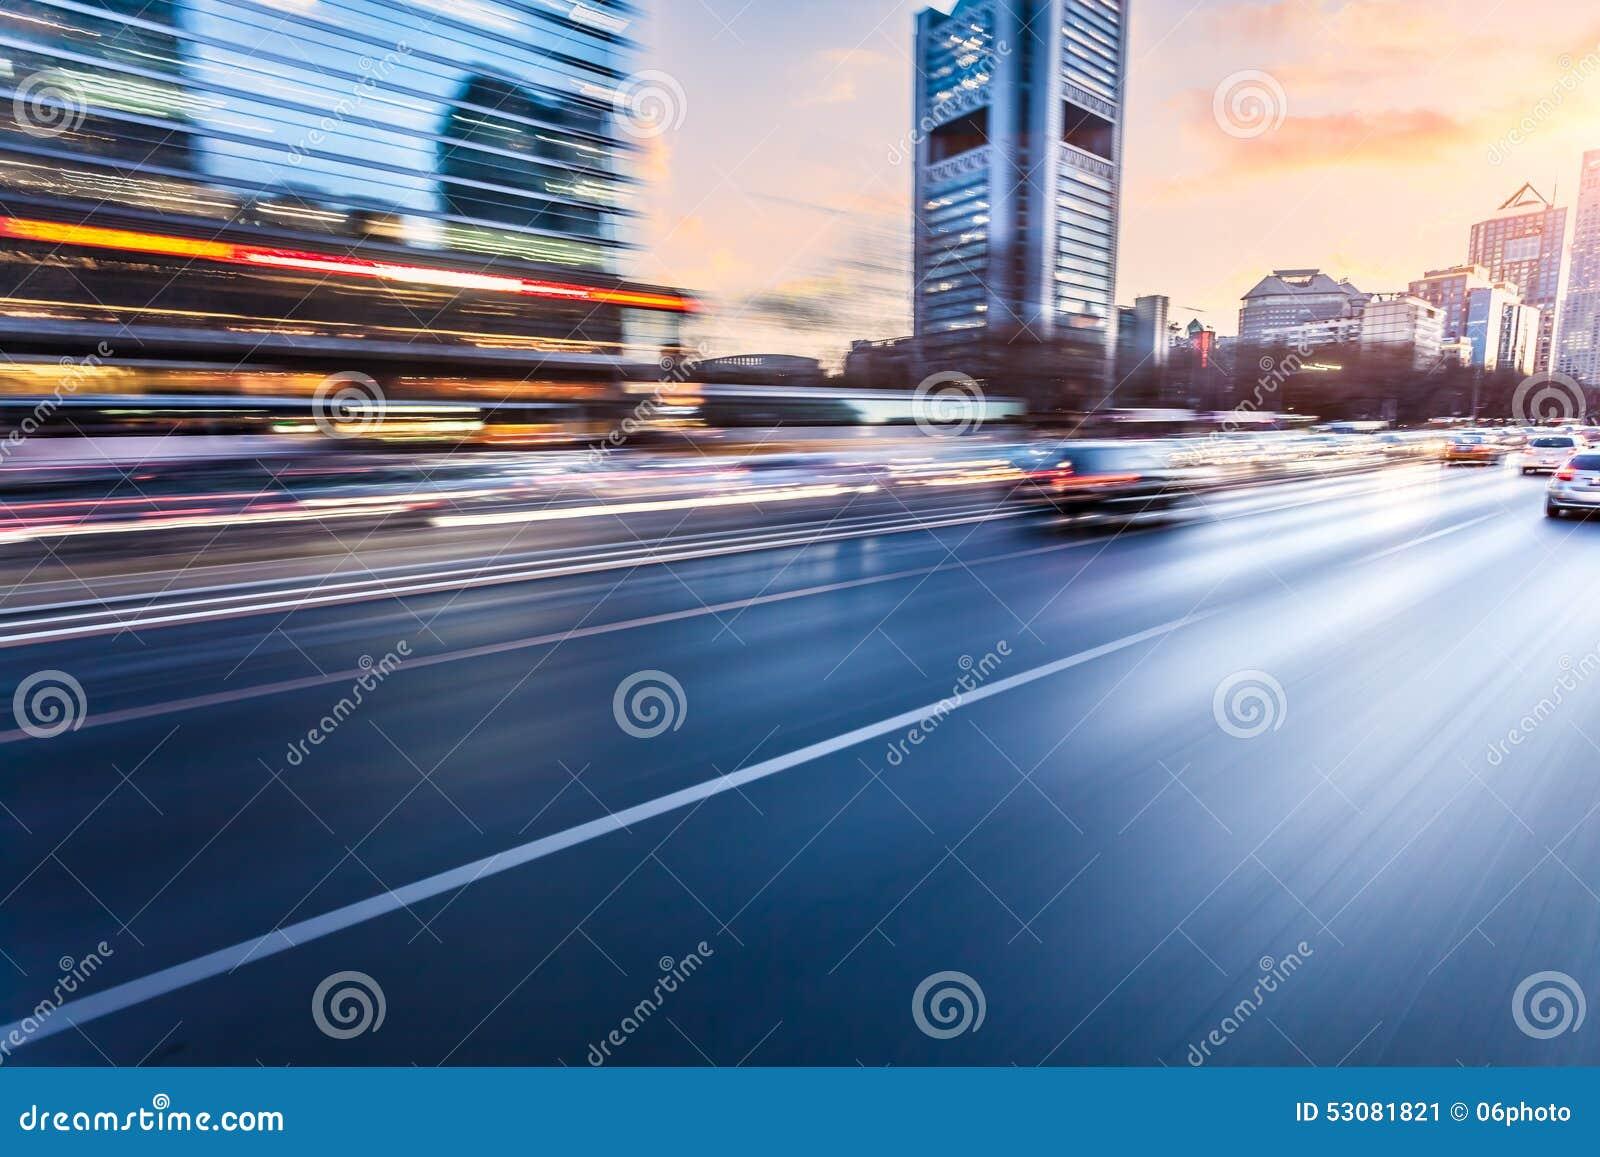 Autofahren auf Autobahn bei Sonnenuntergang, Bewegungsunschärfe